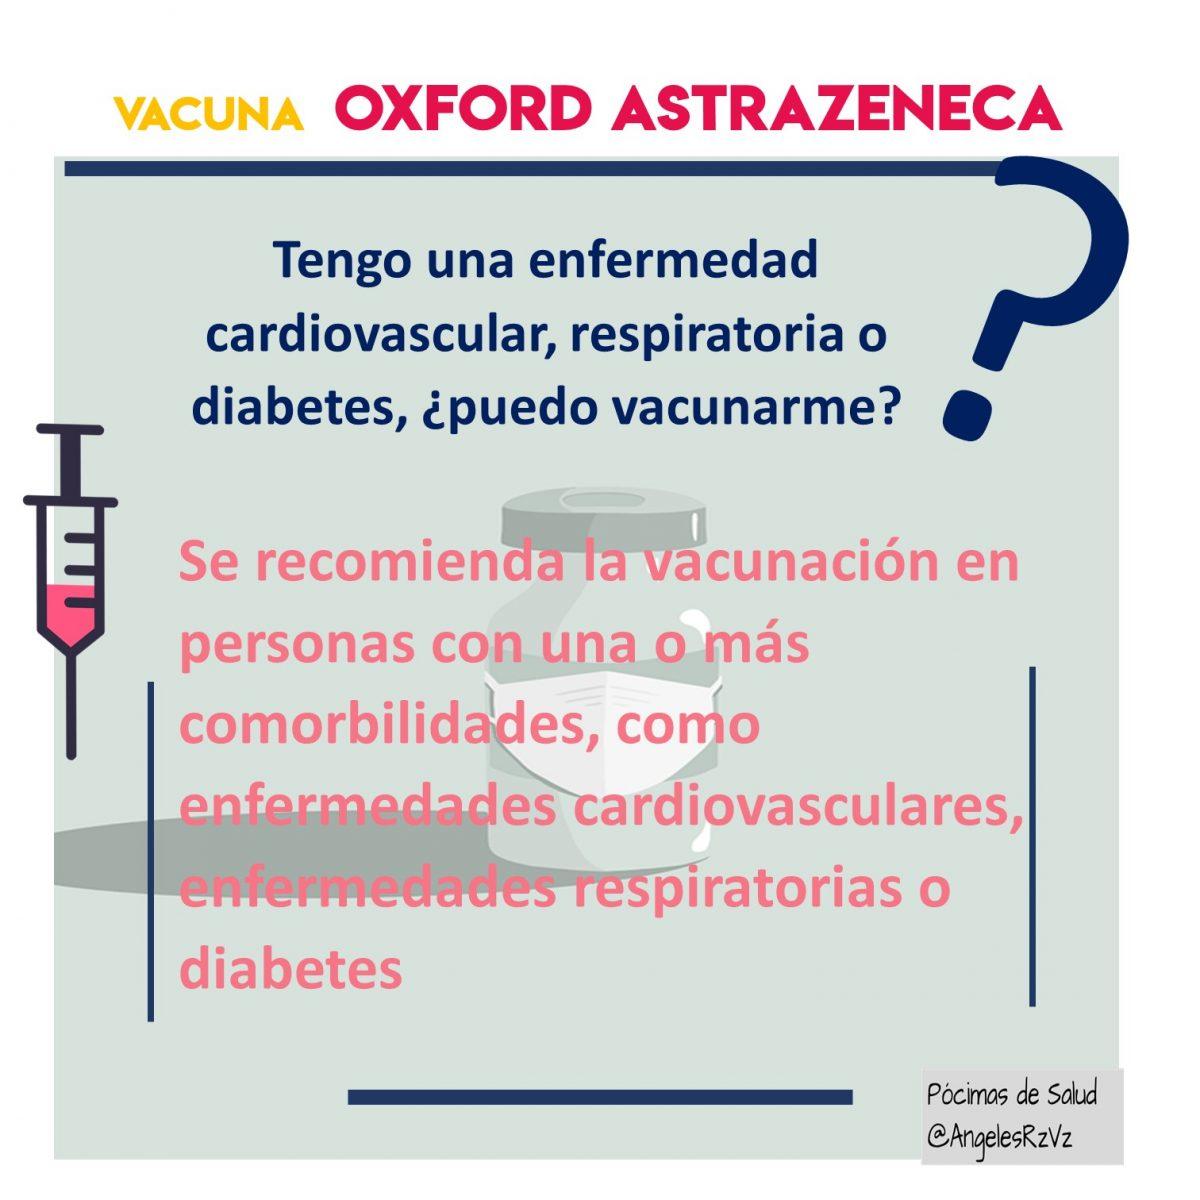 anticoagulantes y vacuna covid19